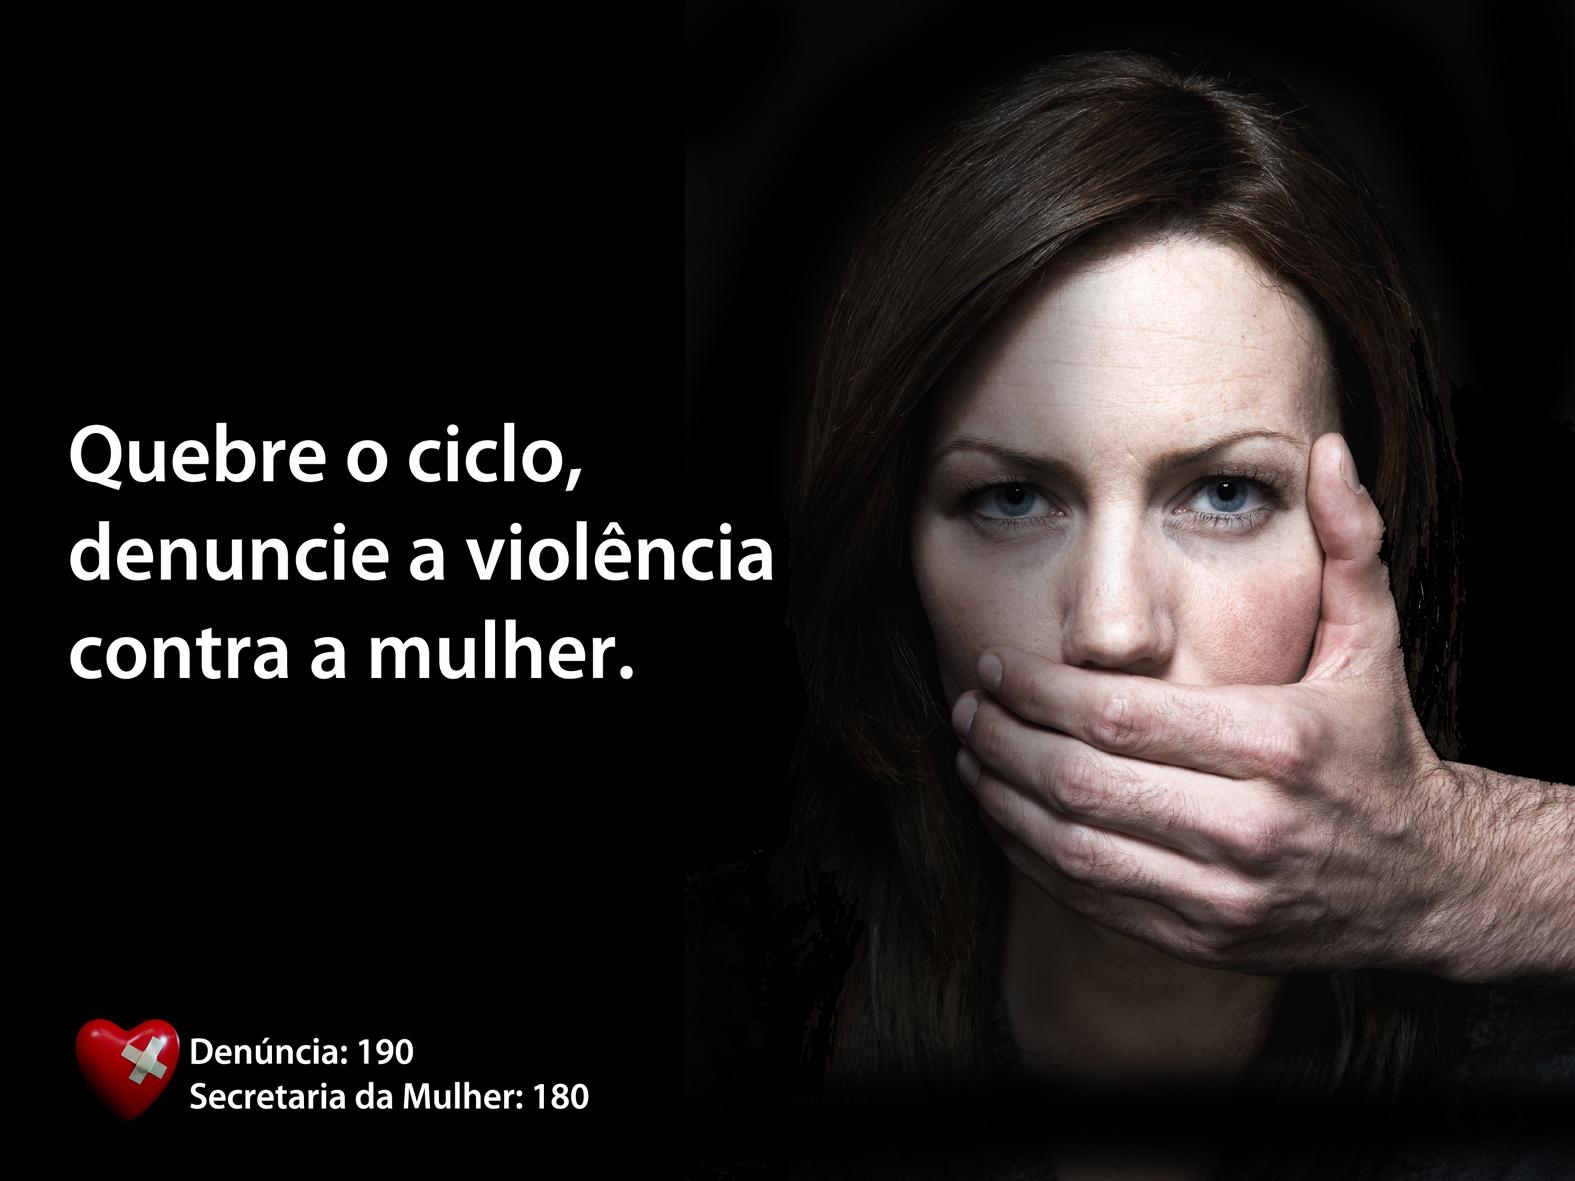 Resultado de imagem para agressão contra as mulheres